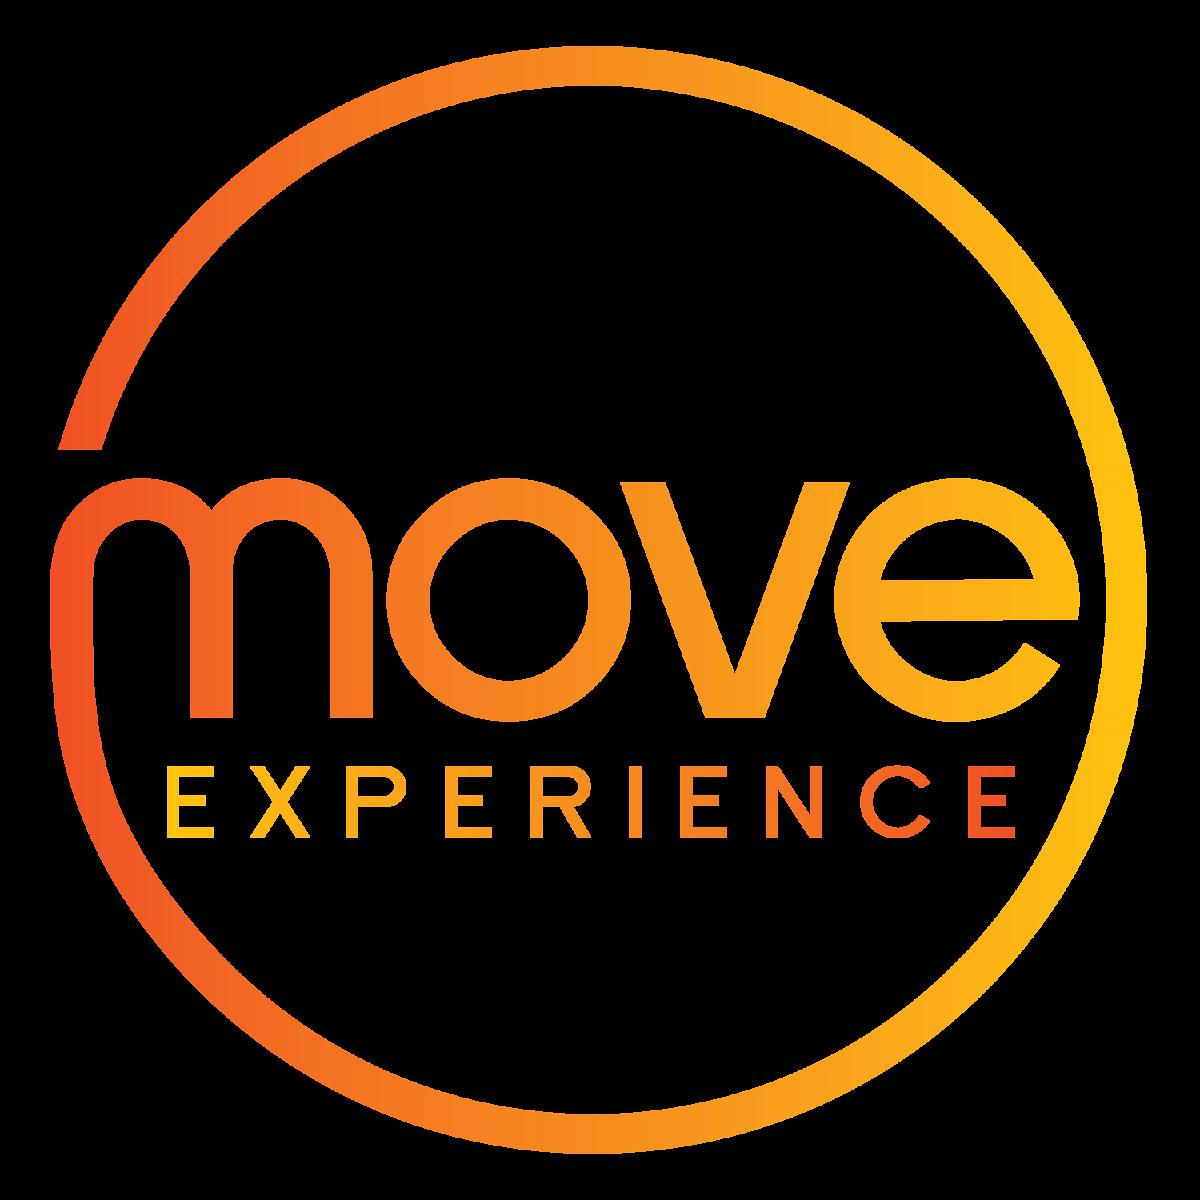 Move_Experience_Circular_Color_Logo